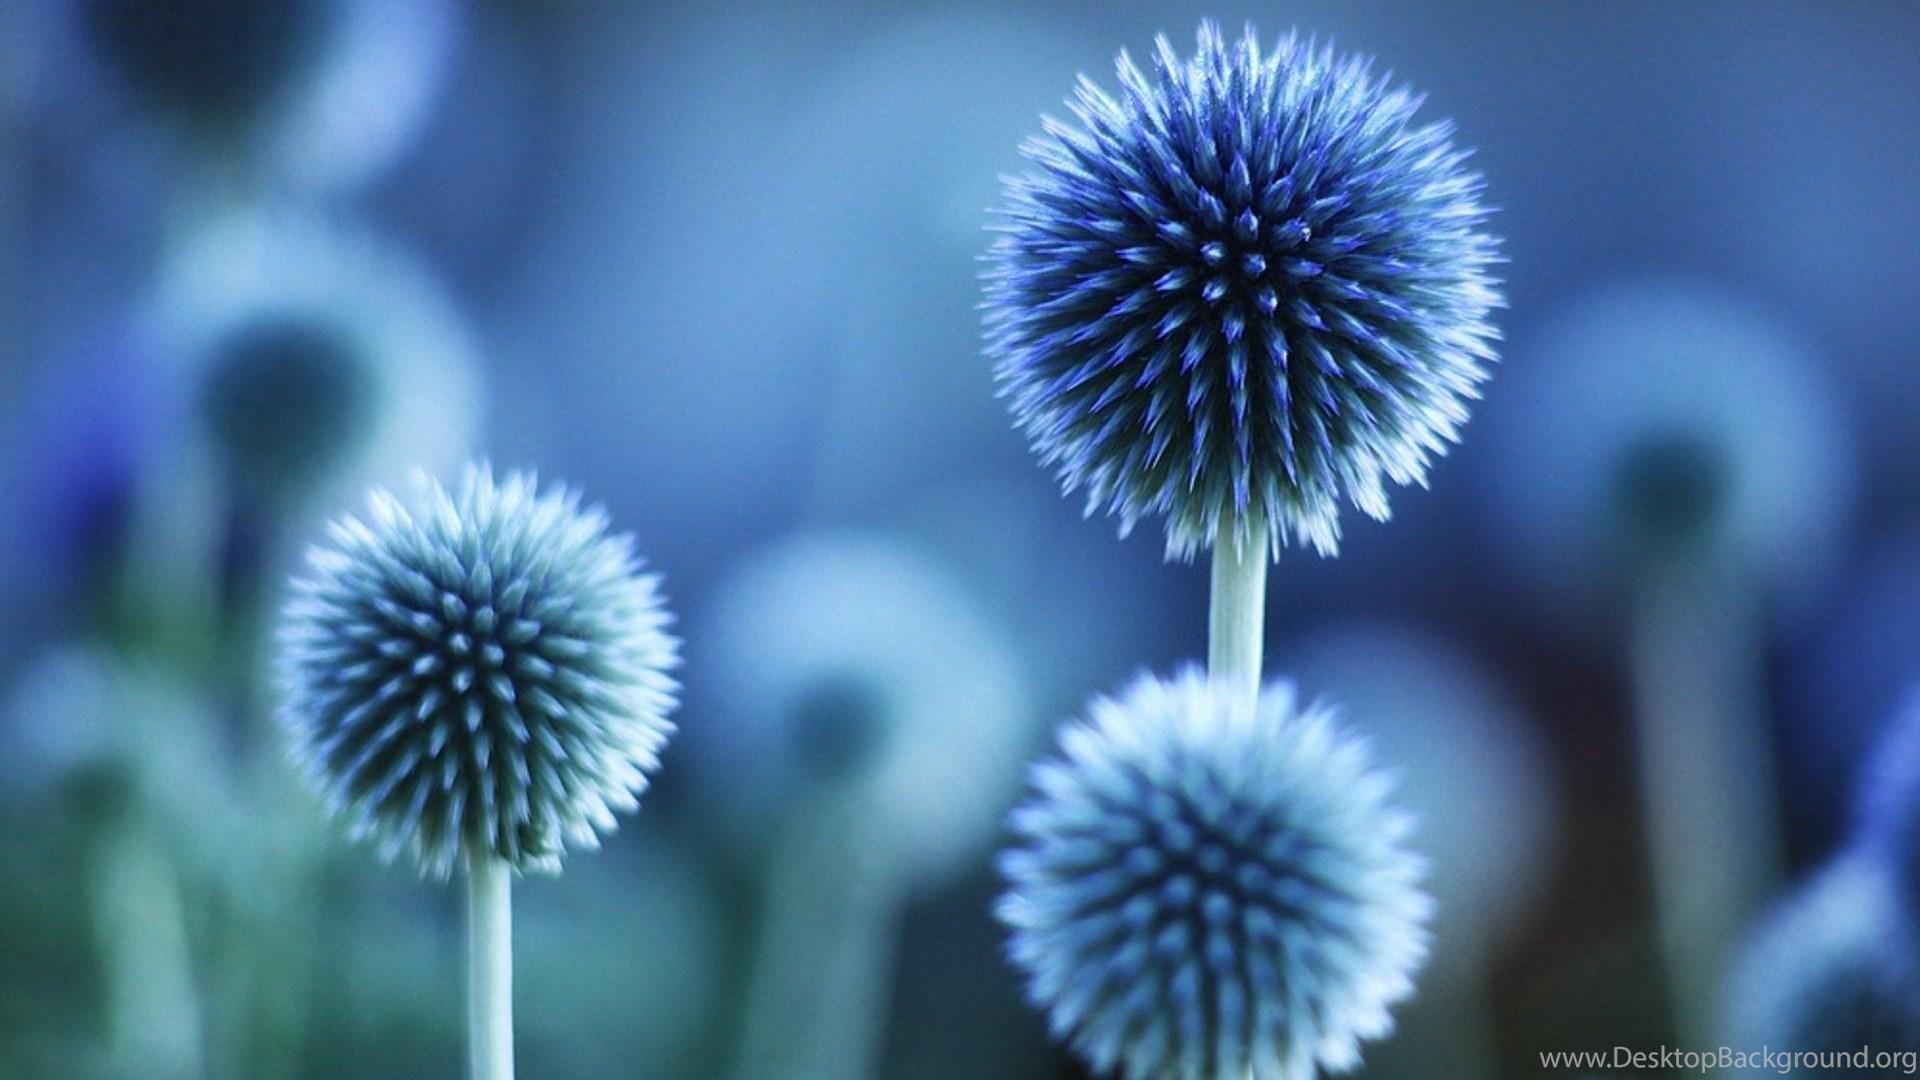 Beautiful Blue Flower Hd Wallpaper Get It Now Desktop Background